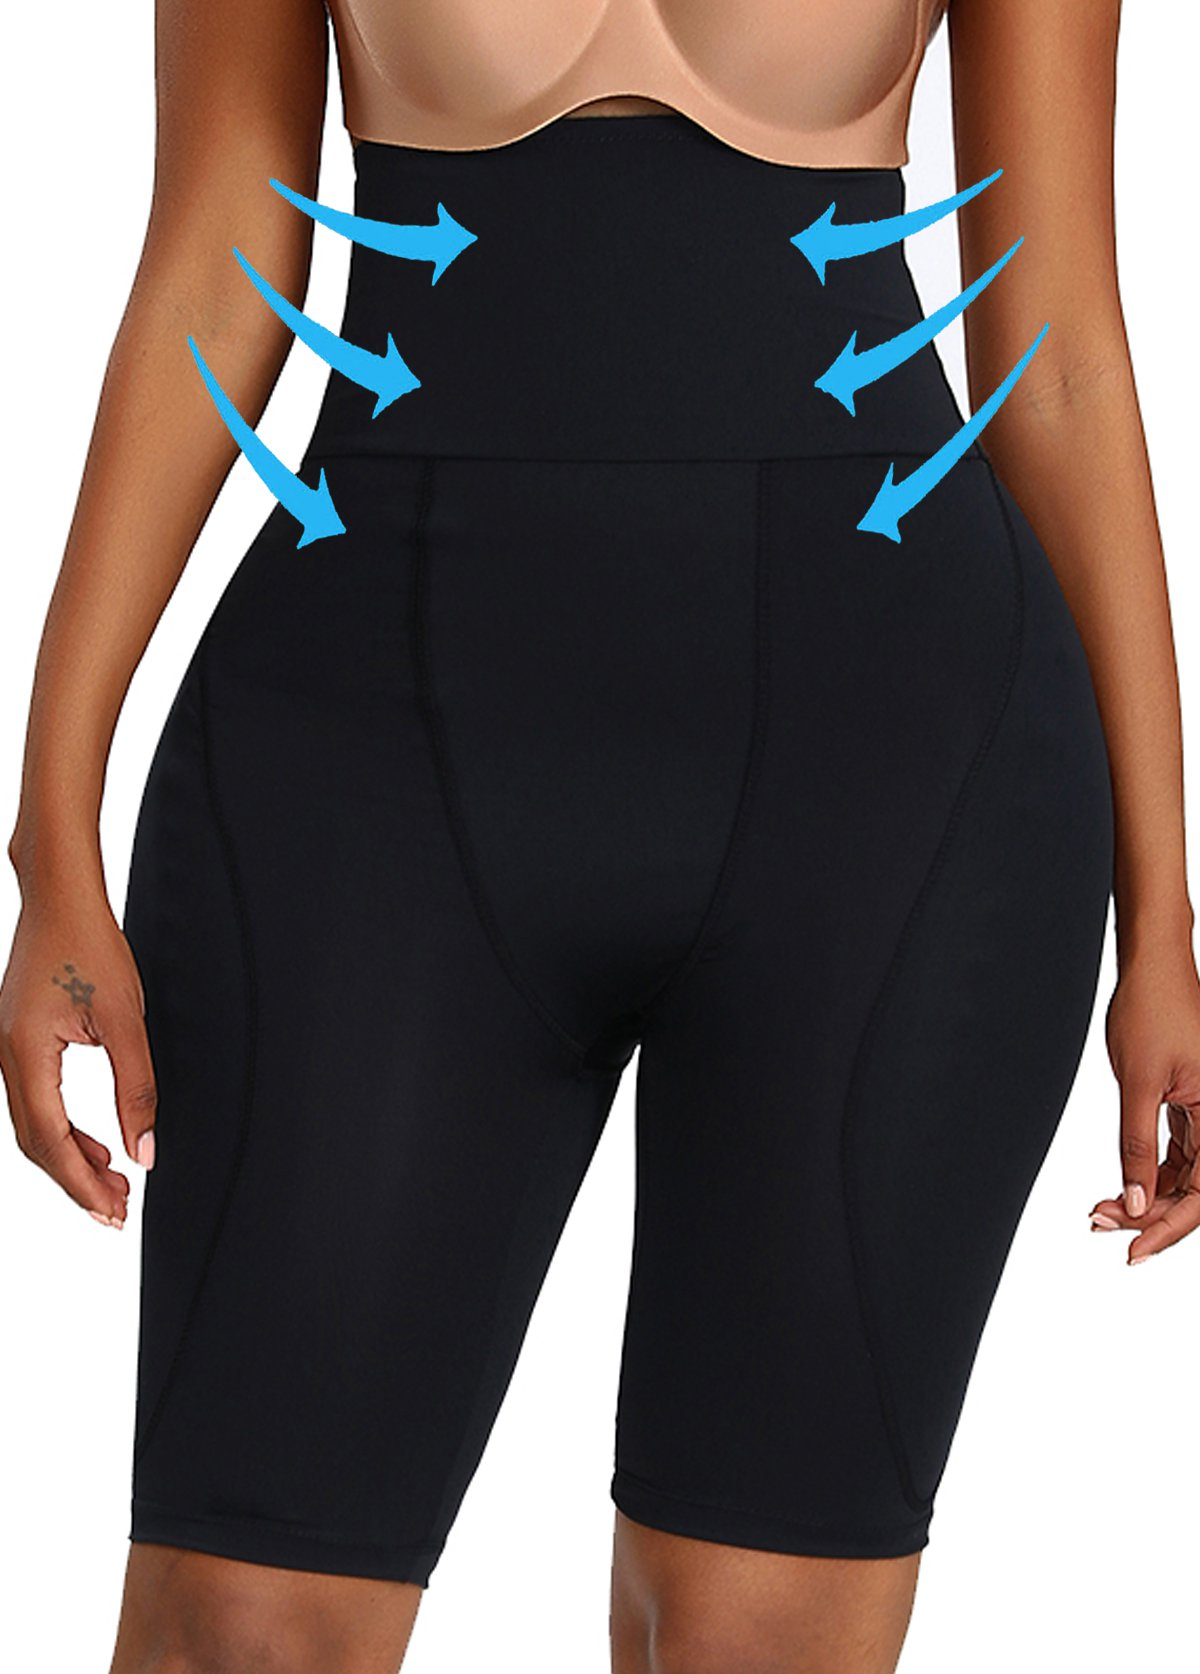 Solid Elastic Detail High Waist Skinny Panties